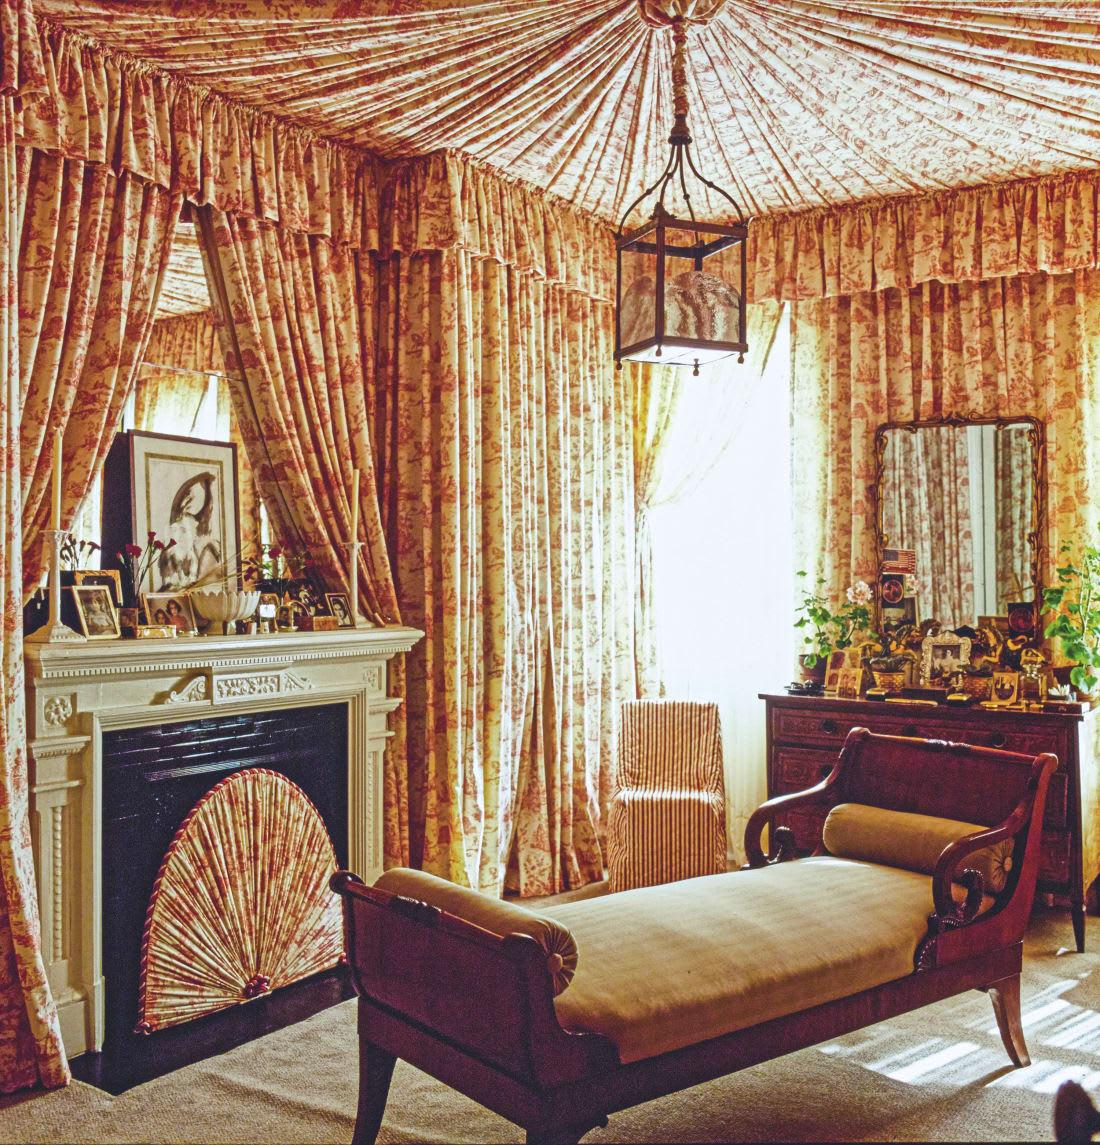 منها منزل كايلي جينر وماريا كاري.. اكتشف تصاميم منازل المشاهير على مدار الـ 100 عام الماضية